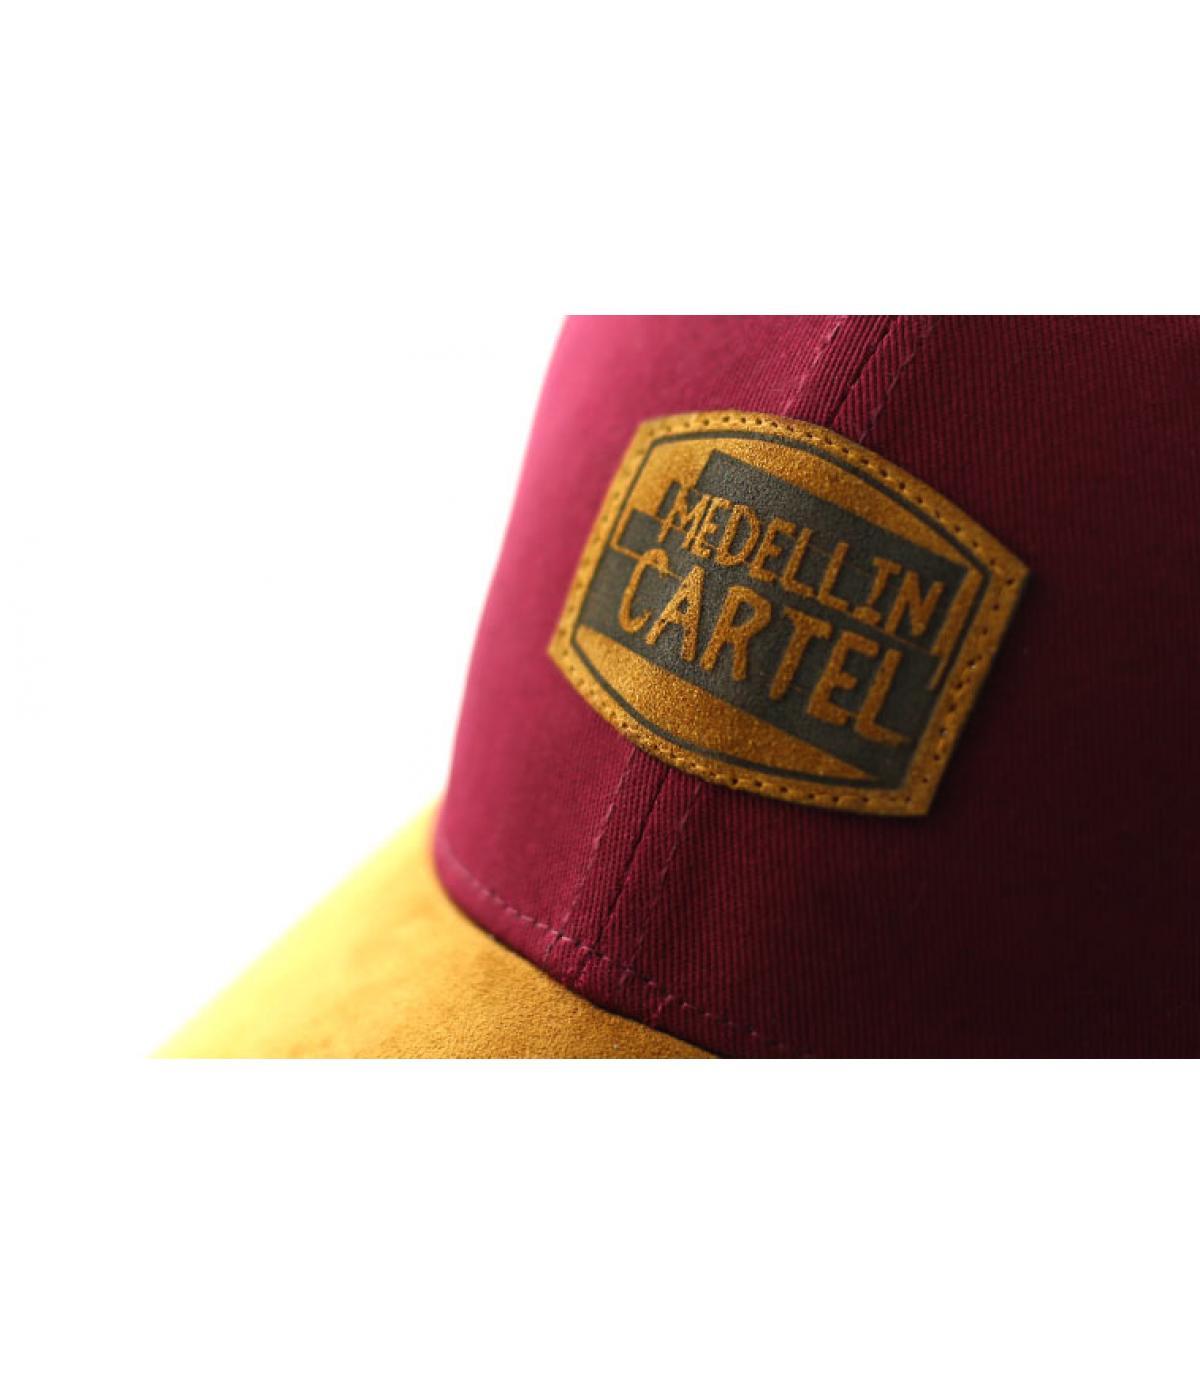 Détails Curve Medellin Cartel burgundy suede - image 3